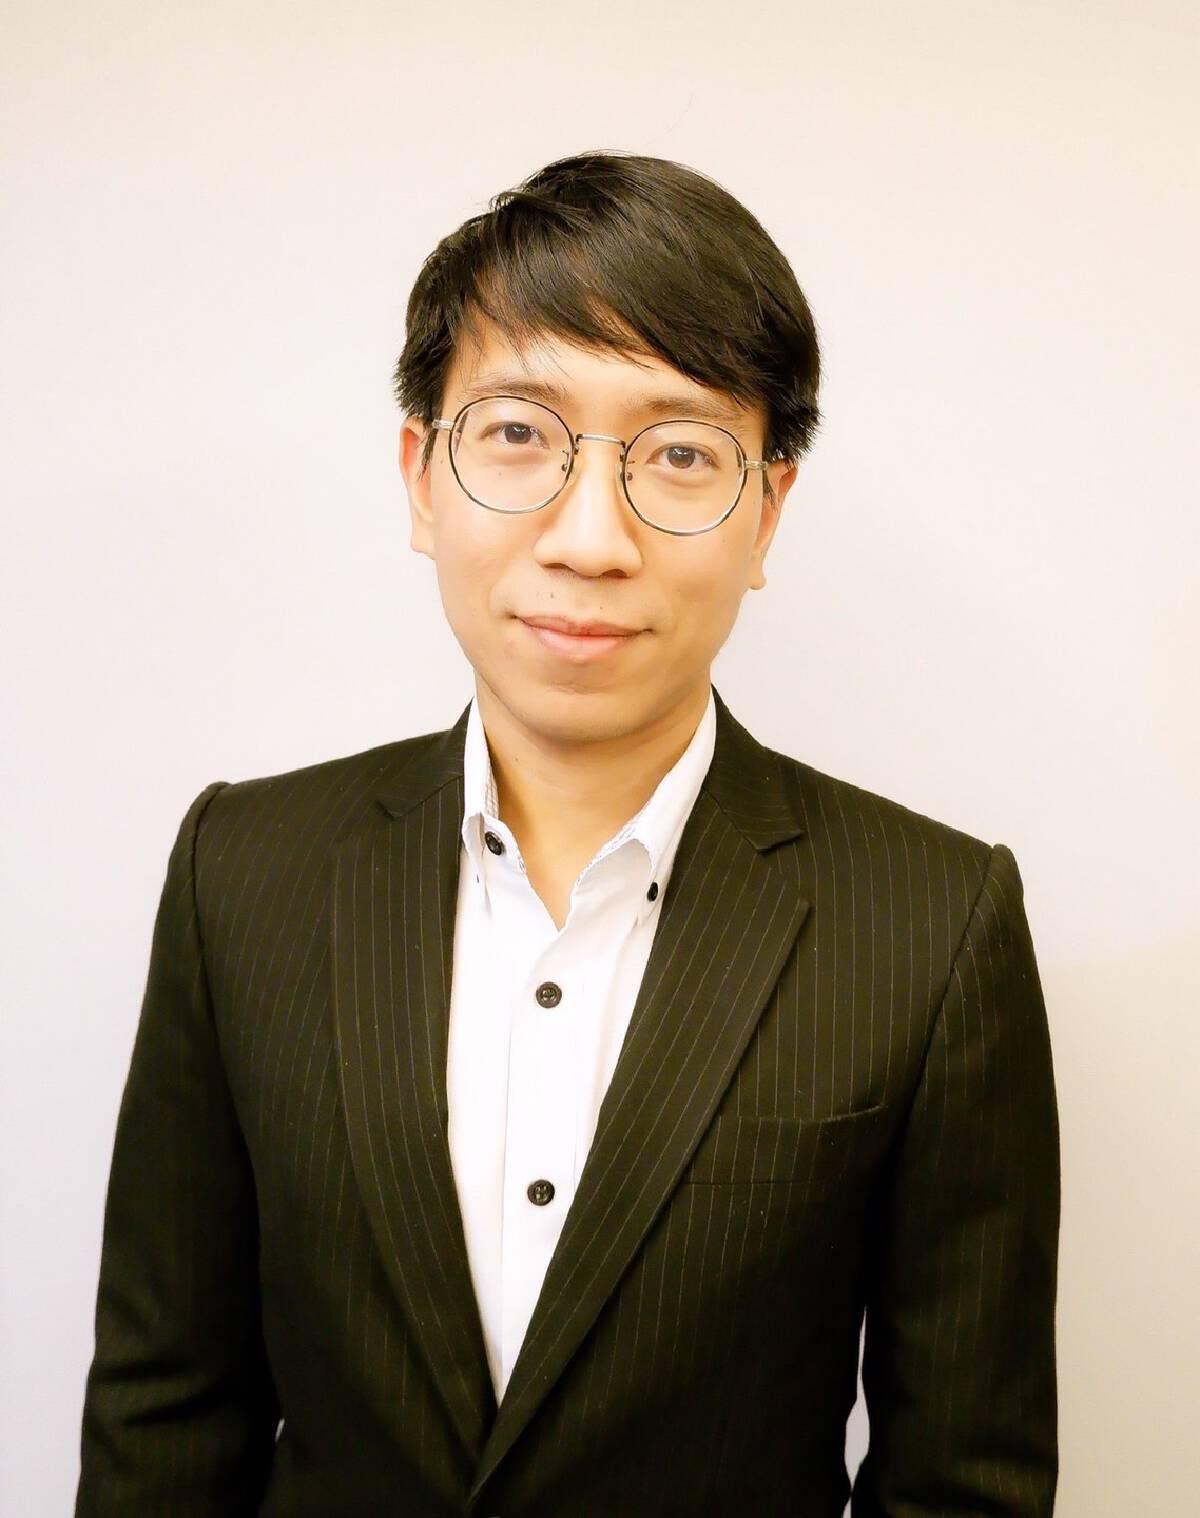 นายพูน พานิชพิบูลย์ นักกลยุทธ์ตลาดเงินตลาดทุน ธนาคารกรุงไทย